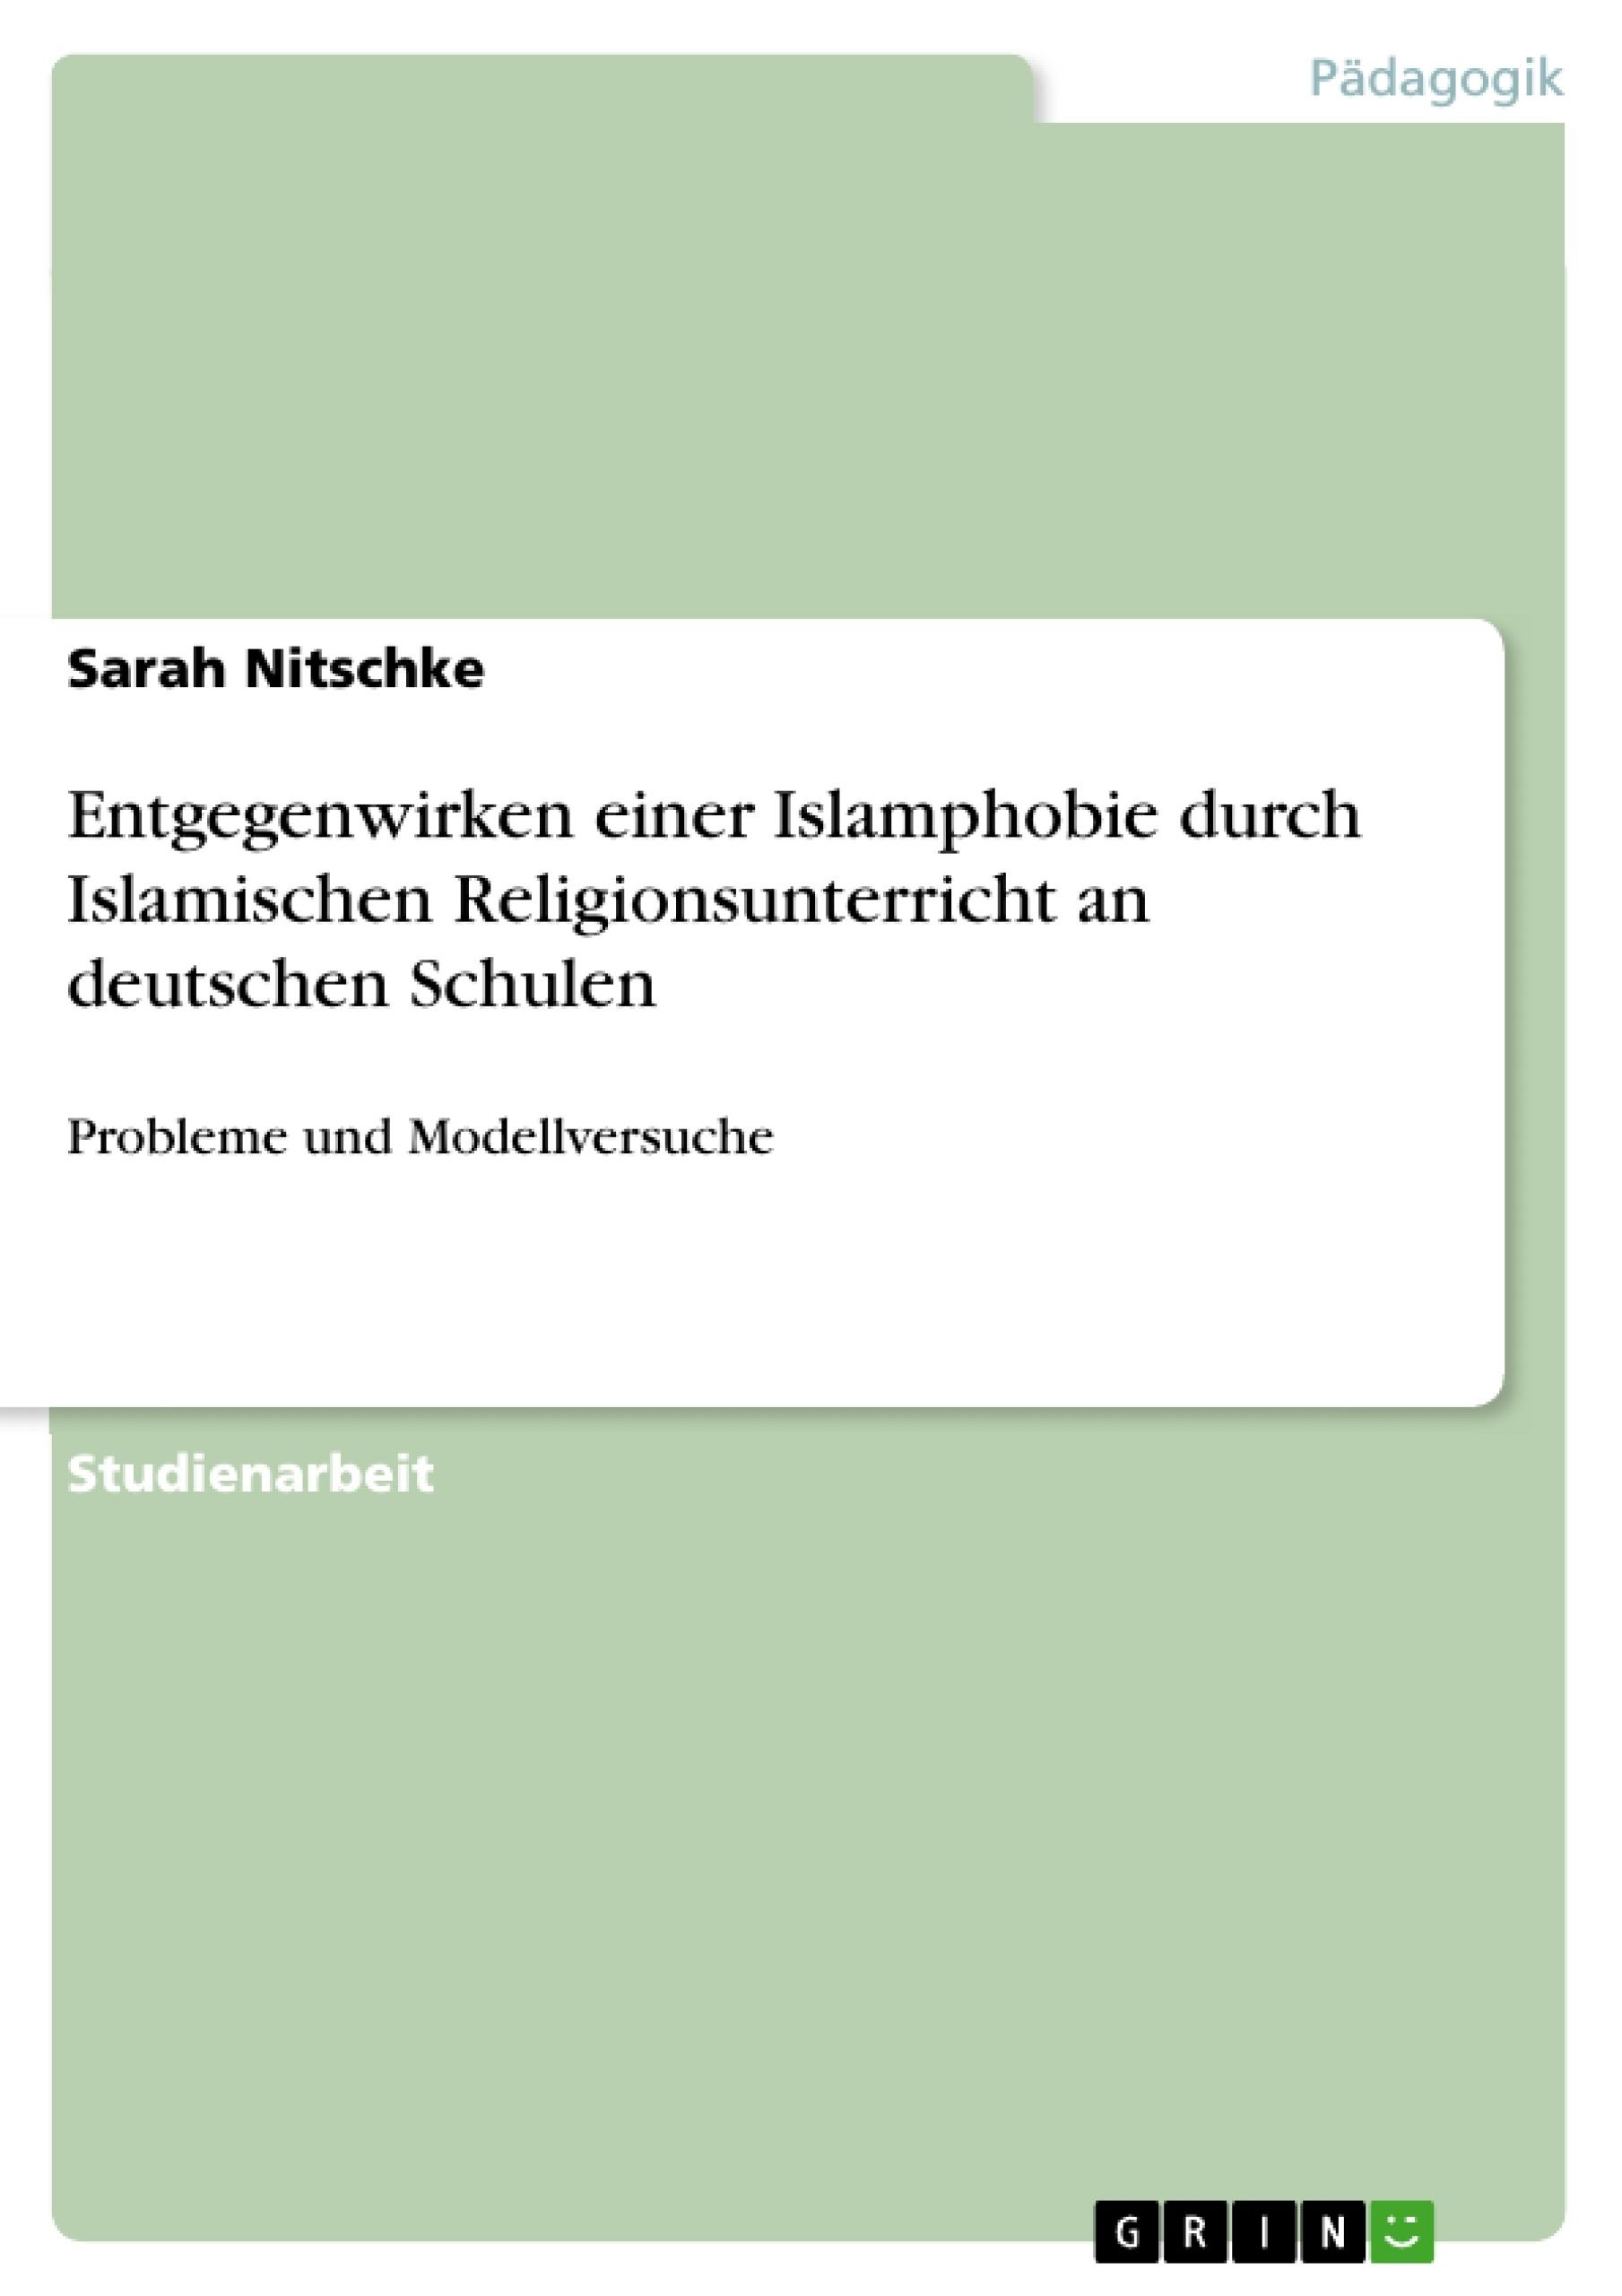 Titel: Entgegenwirken einer Islamphobie durch Islamischen Religionsunterricht an deutschen Schulen